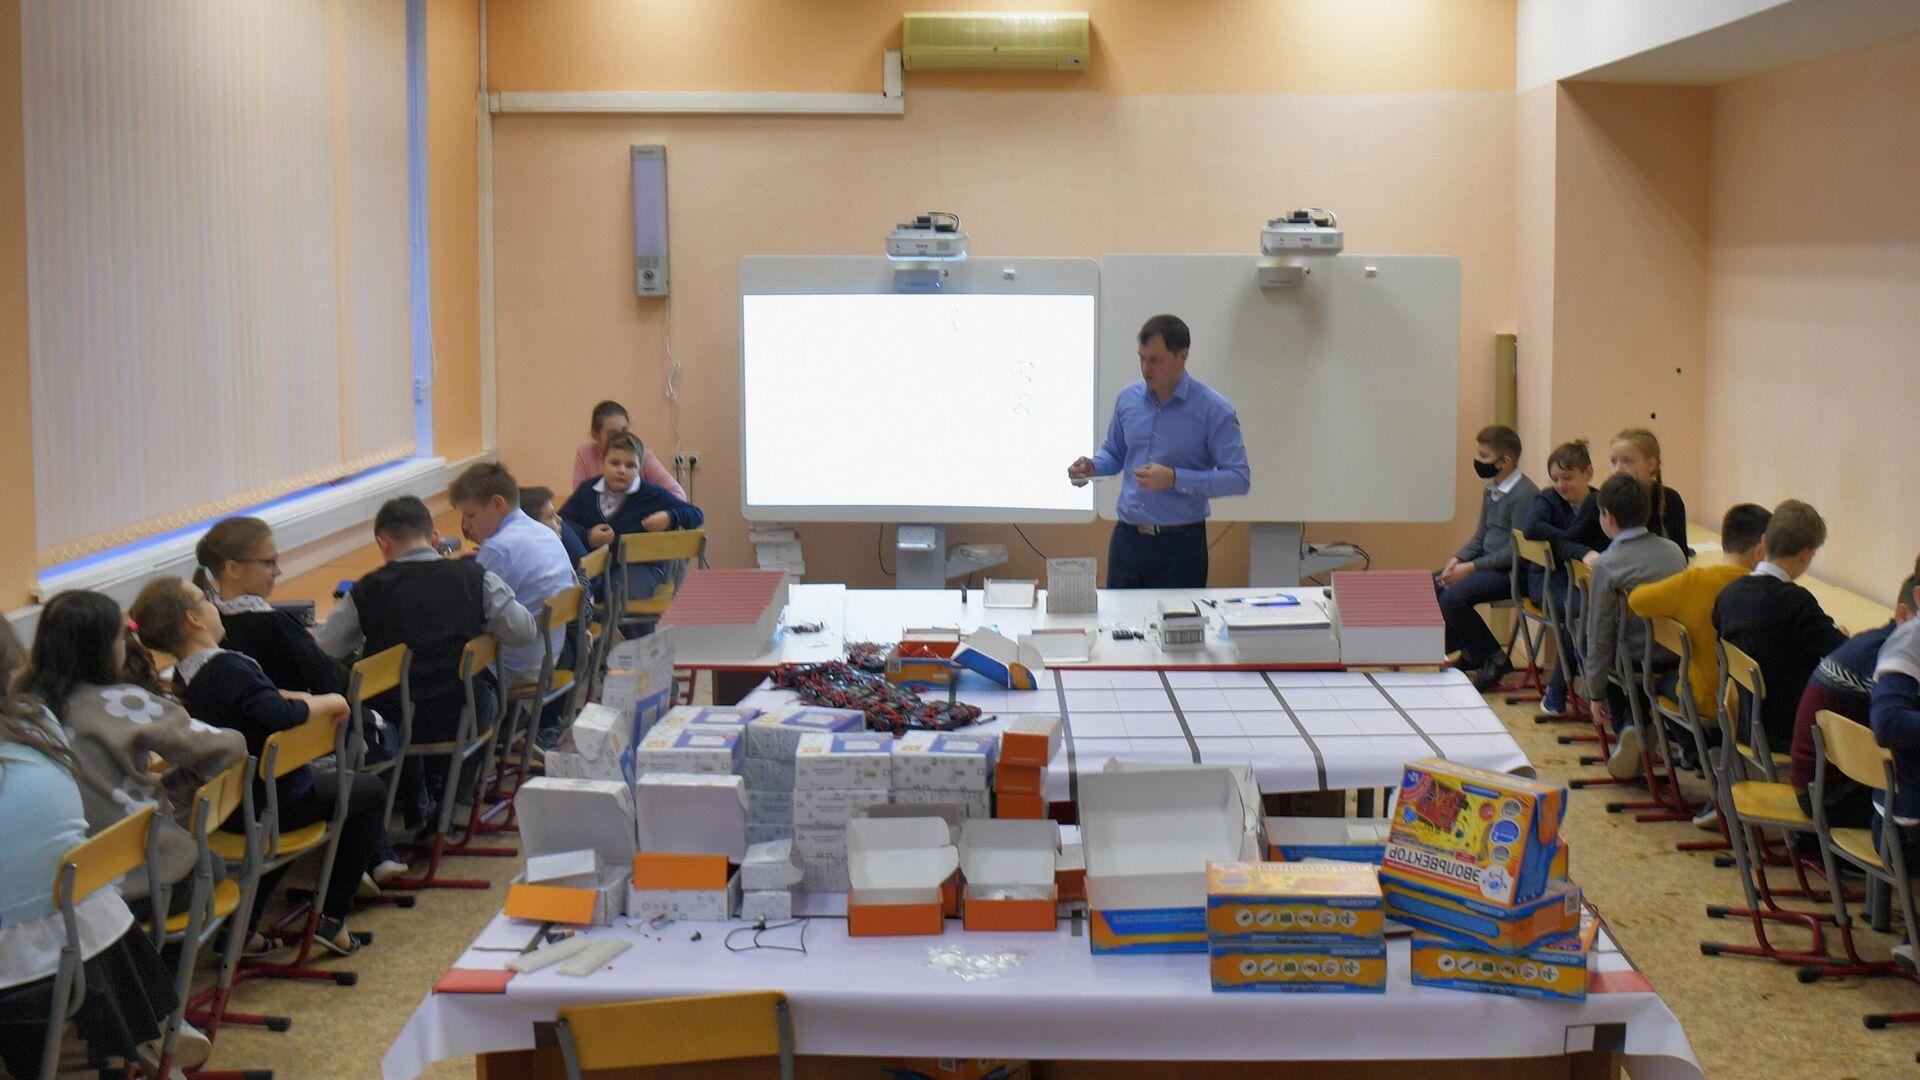 Учащиеся на уроке в школе №429 в Москве - РИА Новости, 1920, 26.02.2021